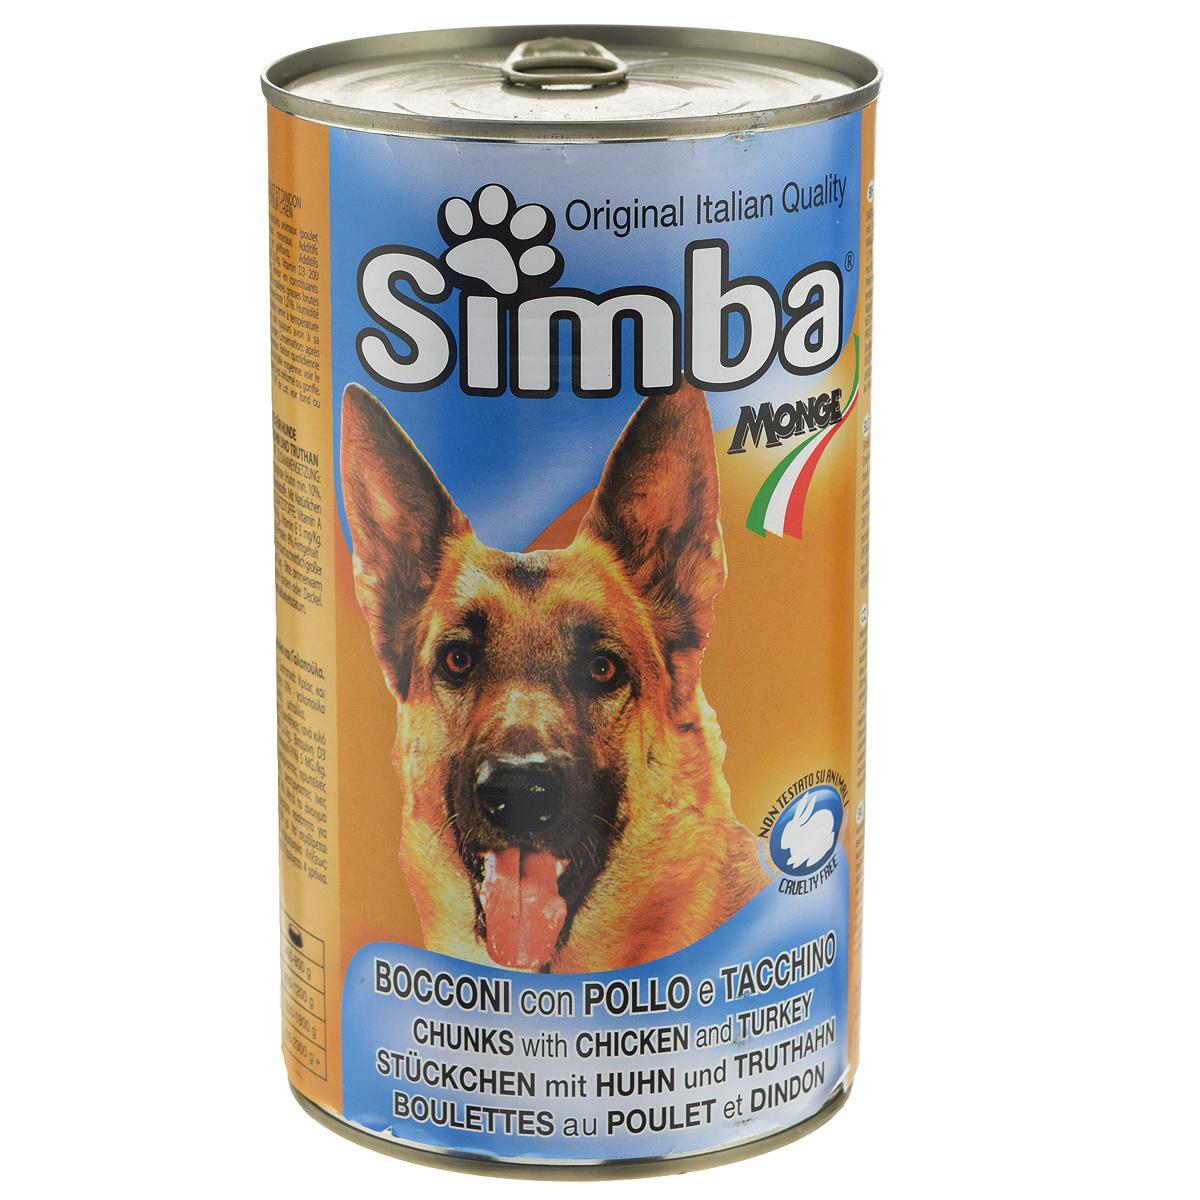 Консервы для собак Monge Simba, кусочки с курицей и индейкой, 1230 г70009133Консервы для собак Monge Simba - это полноценный сбалансированный корм для собак. Кусочки с курицей и индейкой в соусе. Ежедневная норма для собаки среднего размера - 800 г. Состав: мясо домашней птицы и мясные субпродукты (цыпленок не менее 14%, индейка не менее 10%), злаки, минеральные вещества, витамины, натуральные красители и вкусовые добавки. Анализ компонентов: протеин 8%, жир 6%, клетчатка 1,21%, зола 3%, влажность 80%. Витамины и добавки на 1 кг: витамин А 2000 МЕ, витамин D3 200 МЕ, витамин Е 5 мг. Товар сертифицирован.